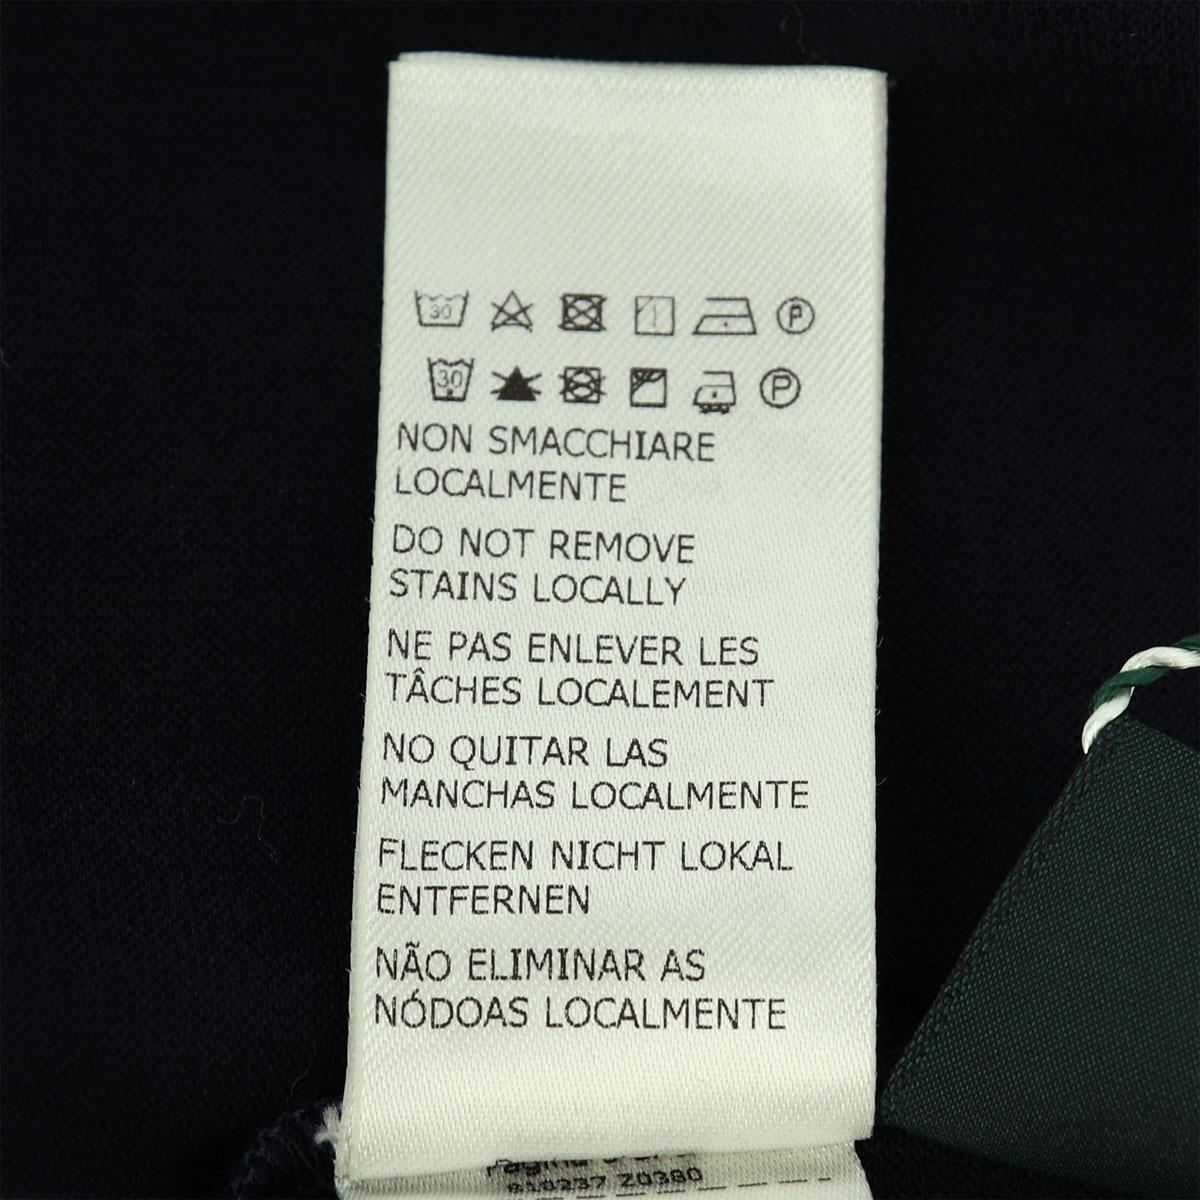 【クリアランスセール】ザノーネ ZANONE メンズ アイスコットン Vネック 半袖Tシャツ T-SHIRT V 810237 Z0380 Z0542(ダークネイビー)【返品交換不可】